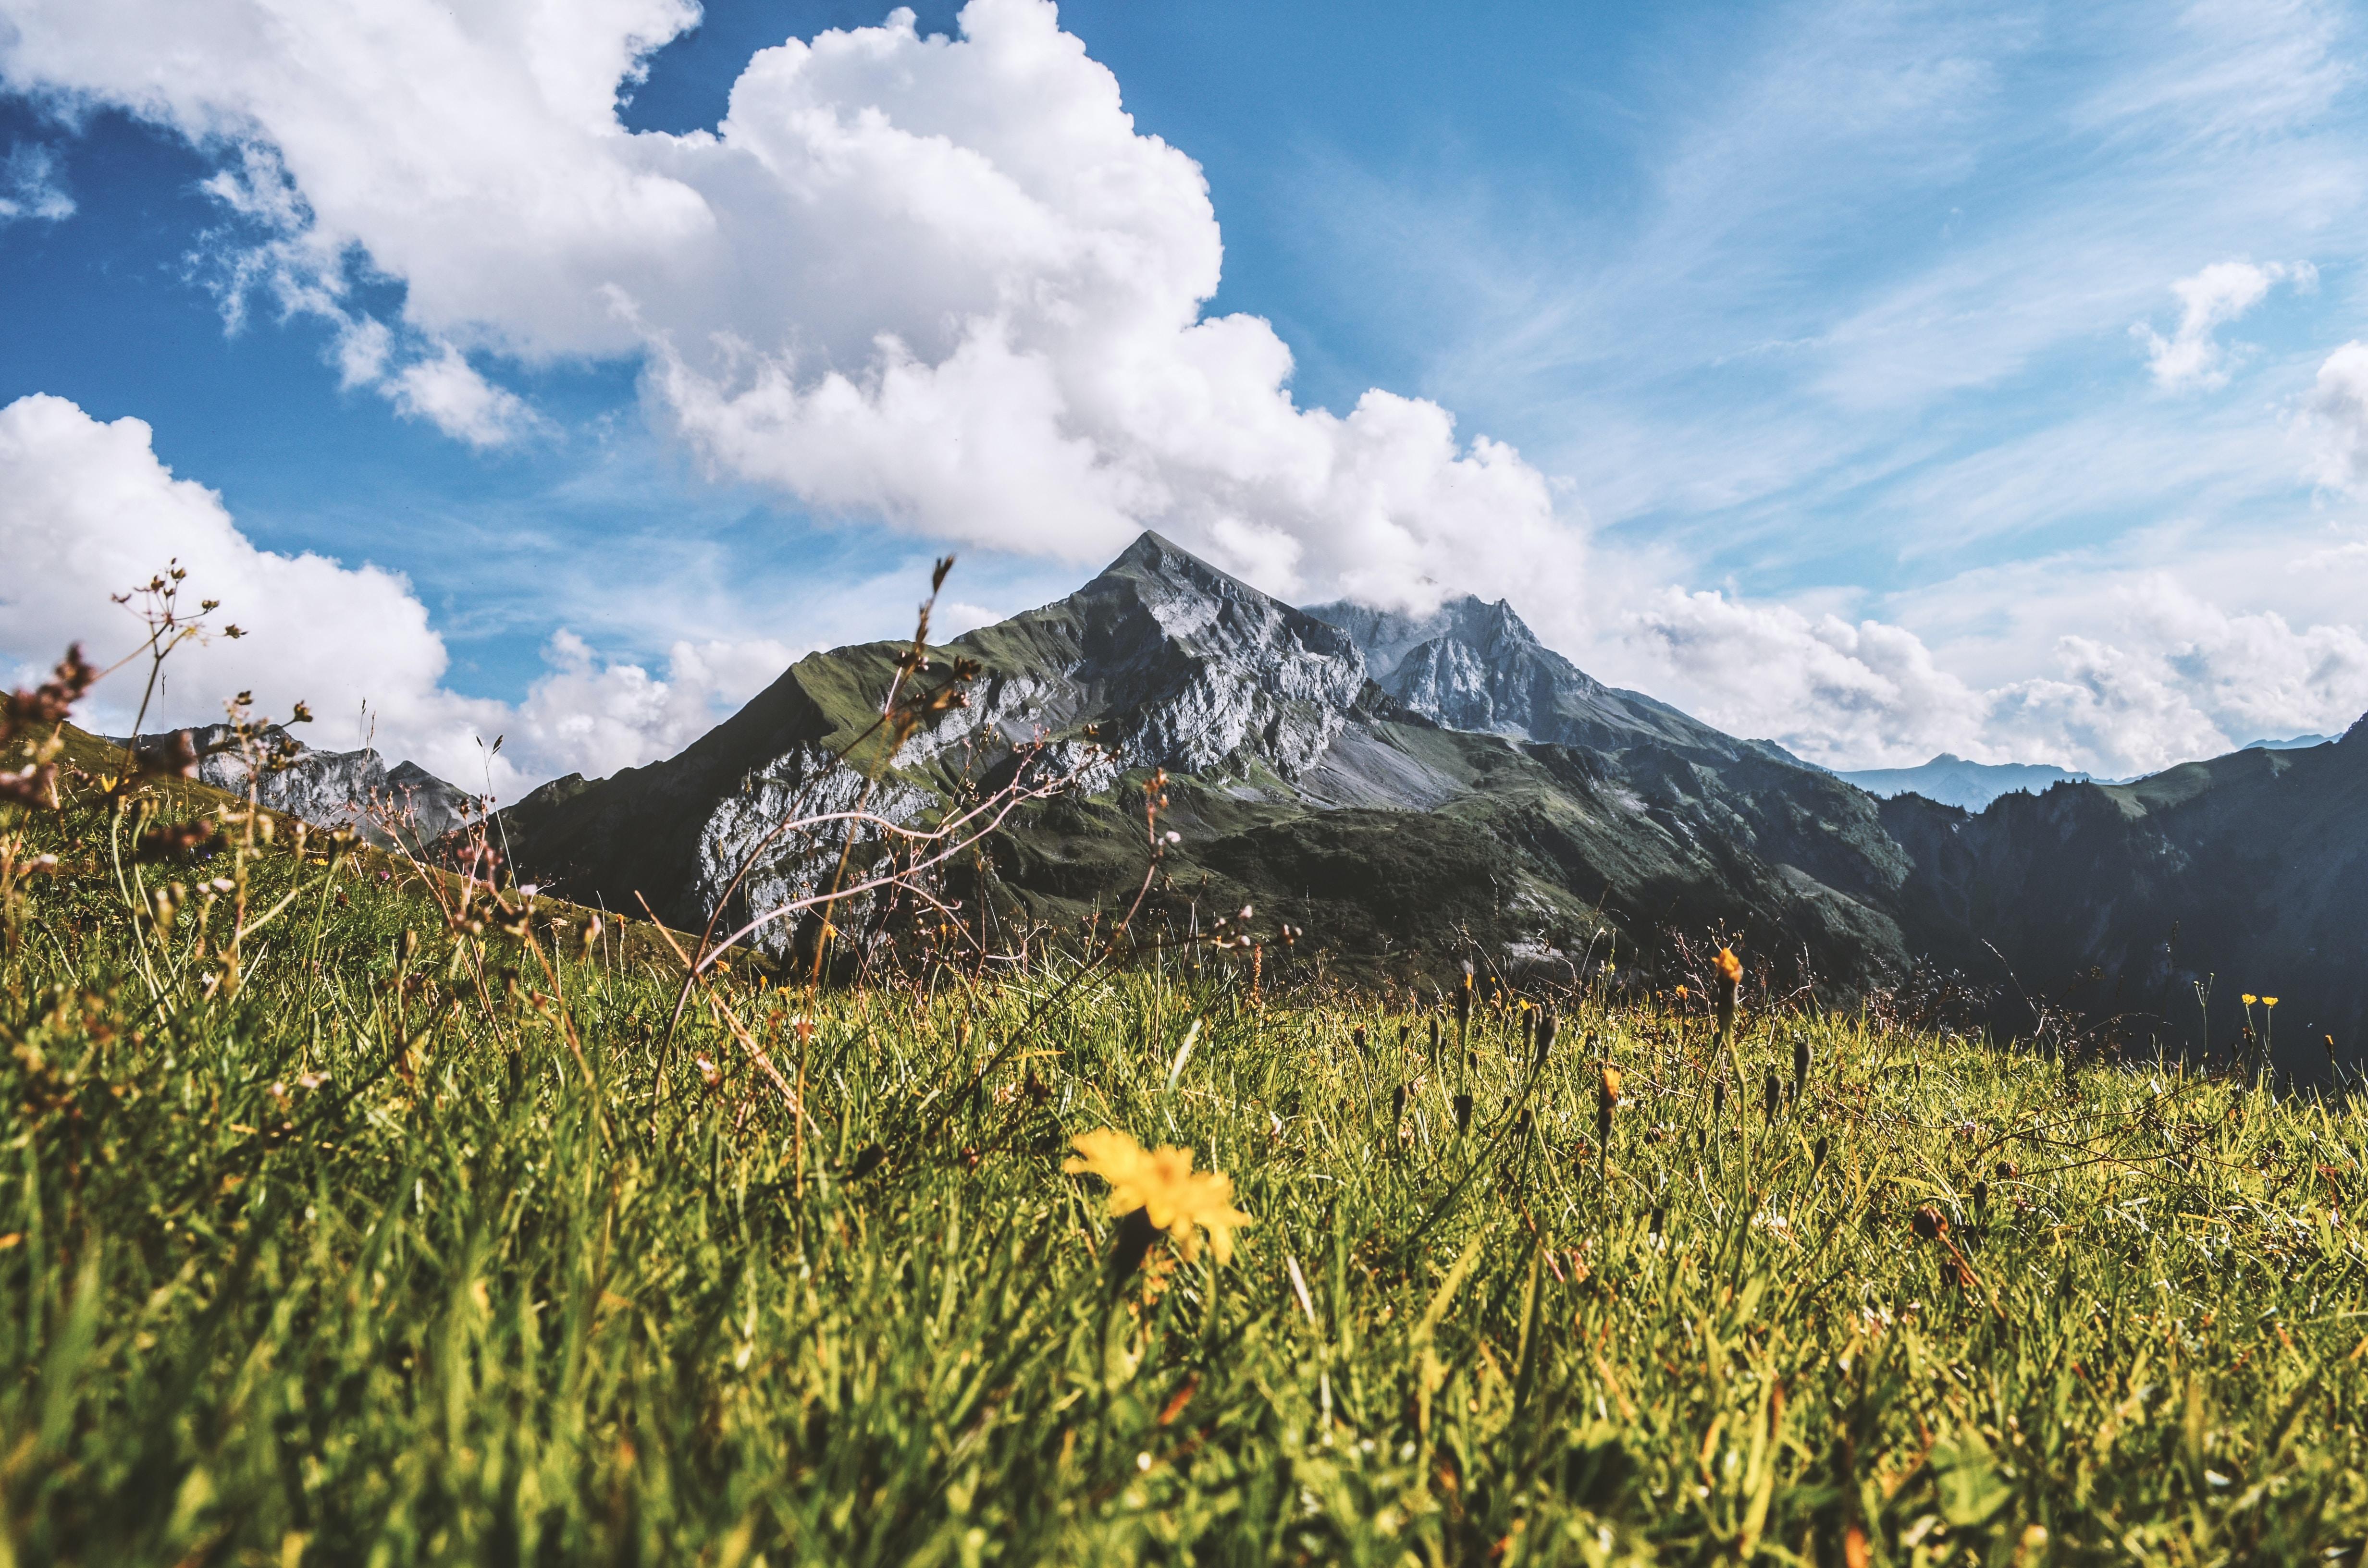 green grass field infront of mountain